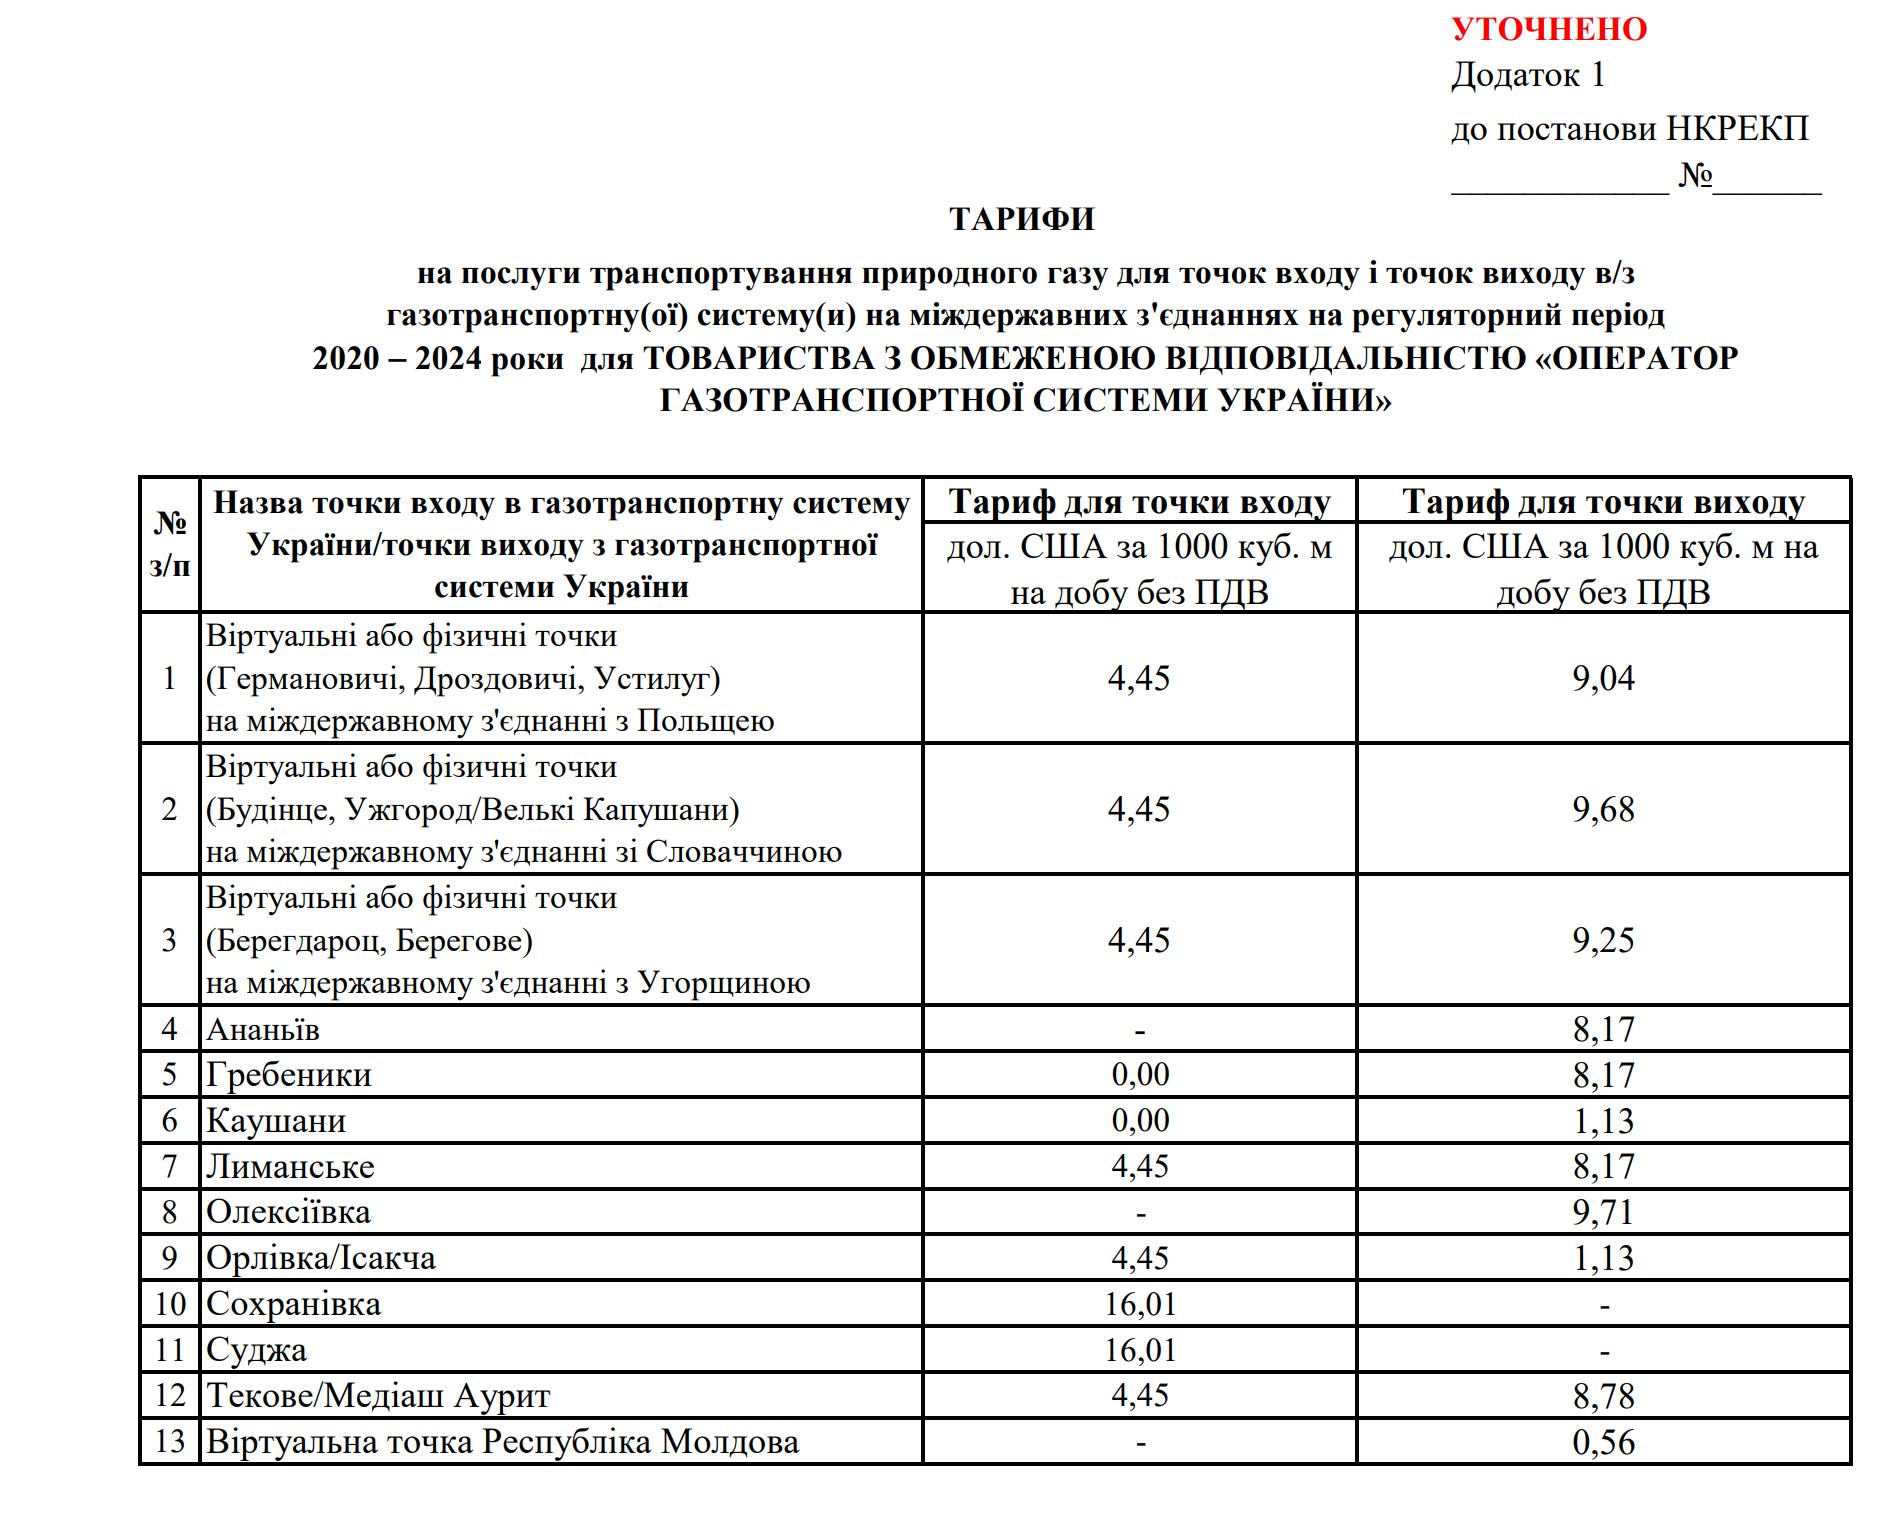 Оператор ГТС отримав ліцензію і тарифи на транспортування газу